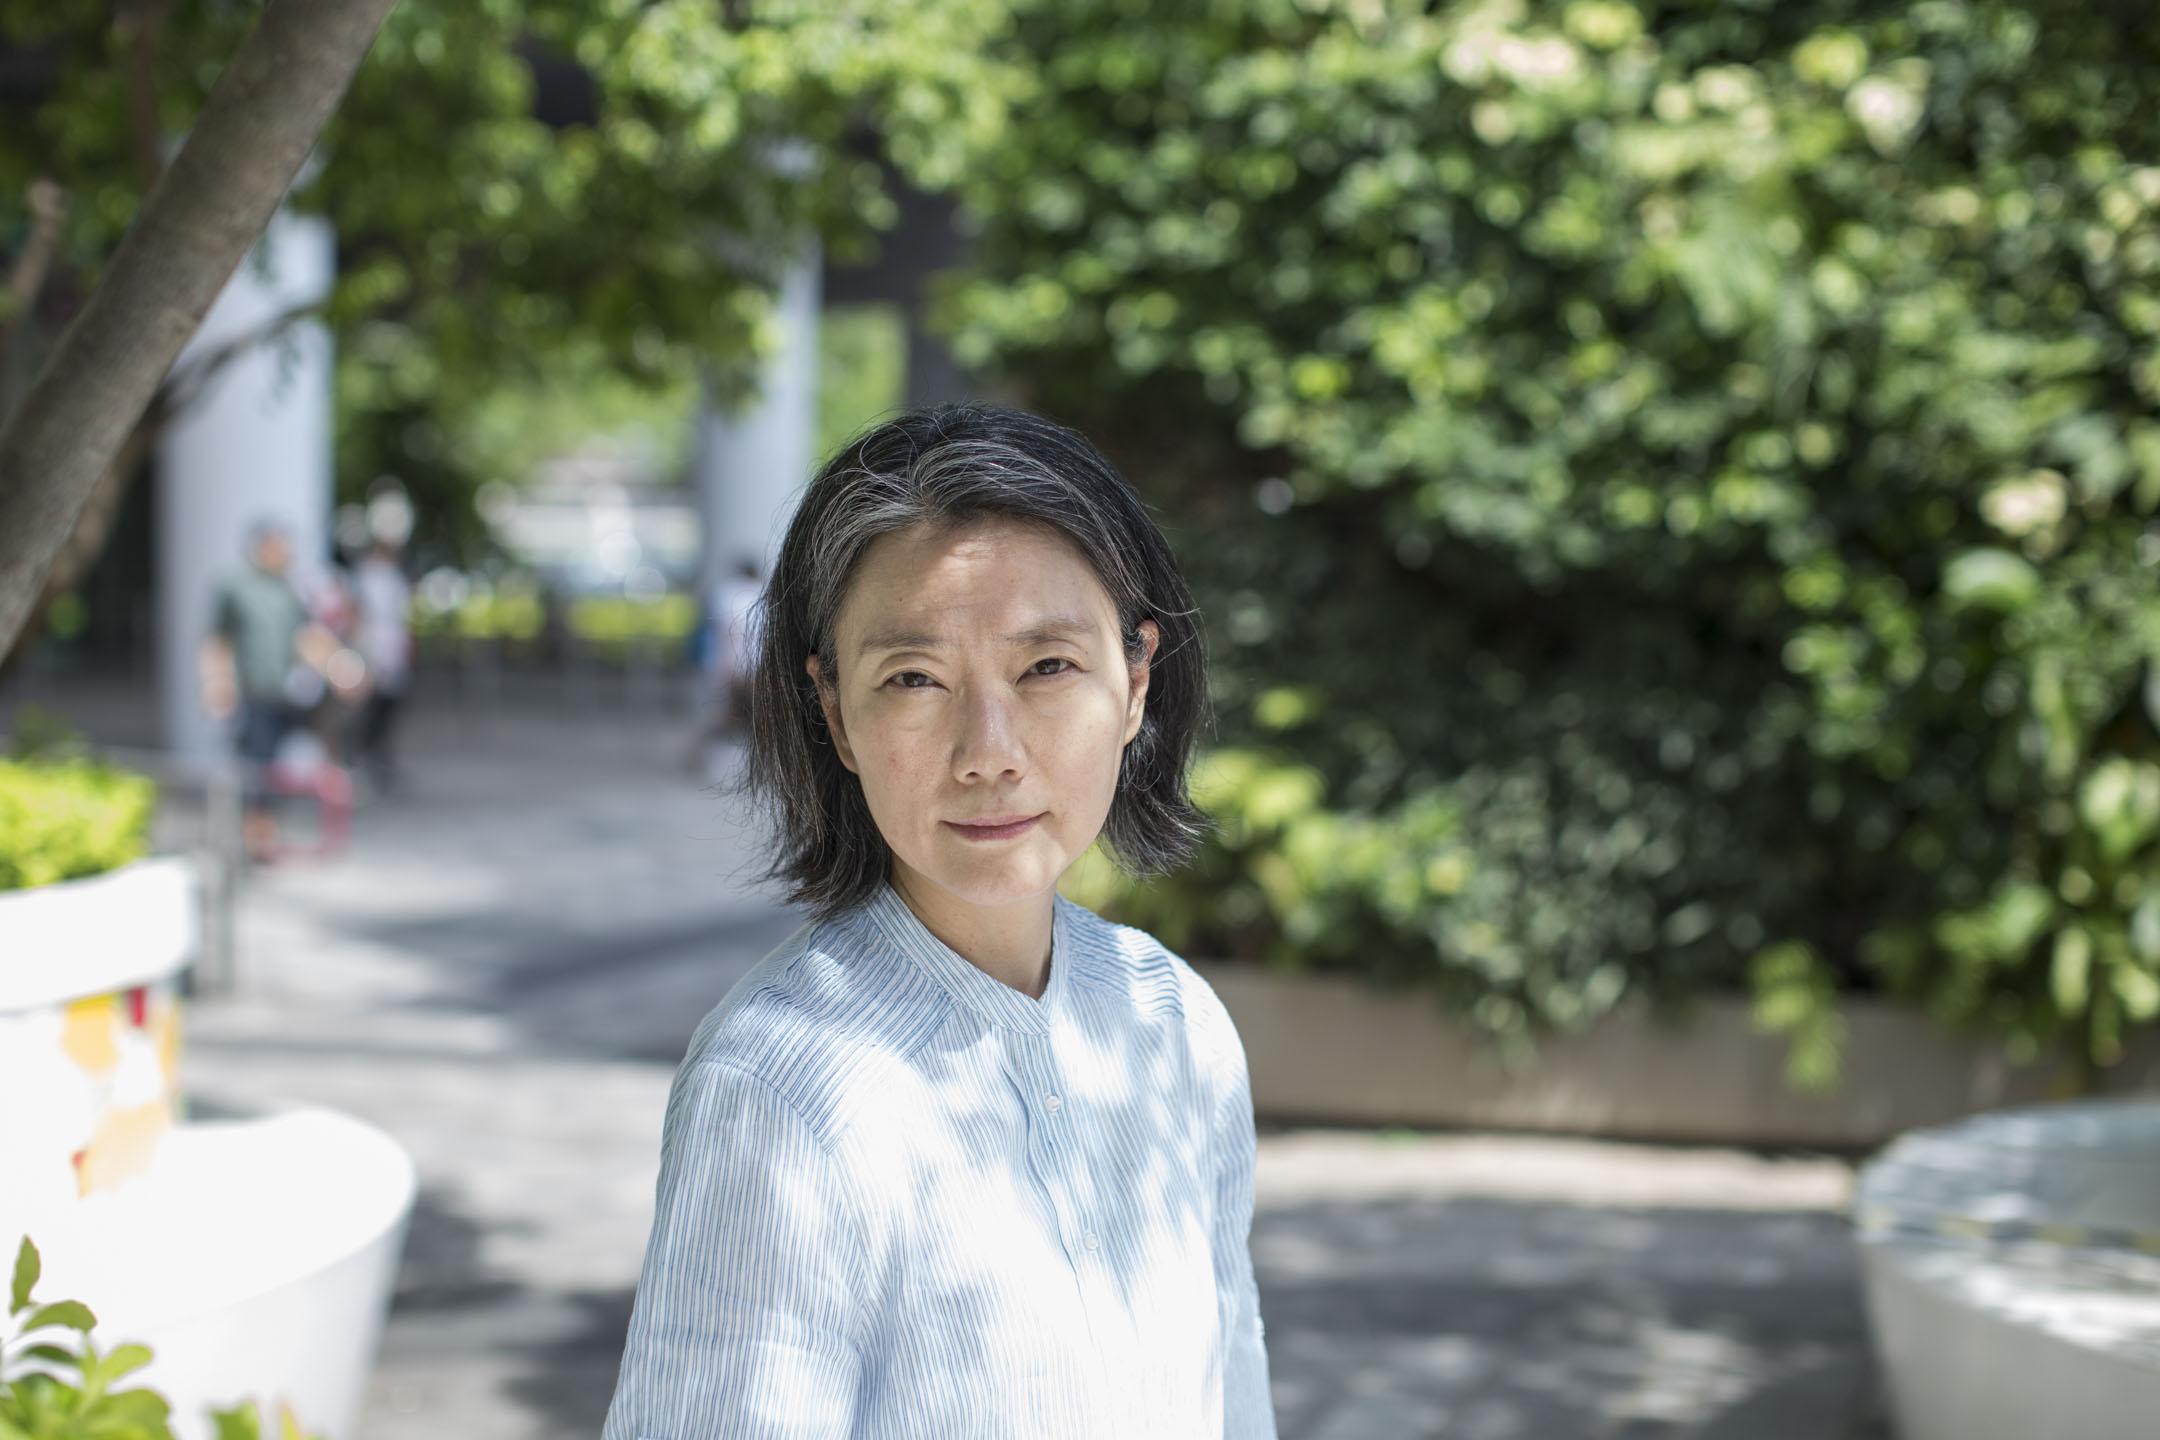 鍾曉陽少年出道,以十八之齡,憑《停車暫借問》獲台灣聯合文學小說獎;之後作品不斷,於1996年出版長篇《遺恨傳奇》後擱筆,直至2014年,出版中篇《哀傷紀》,與剛於本年六月出版的長篇小說《遺恨》。 攝:林振東/端傳媒